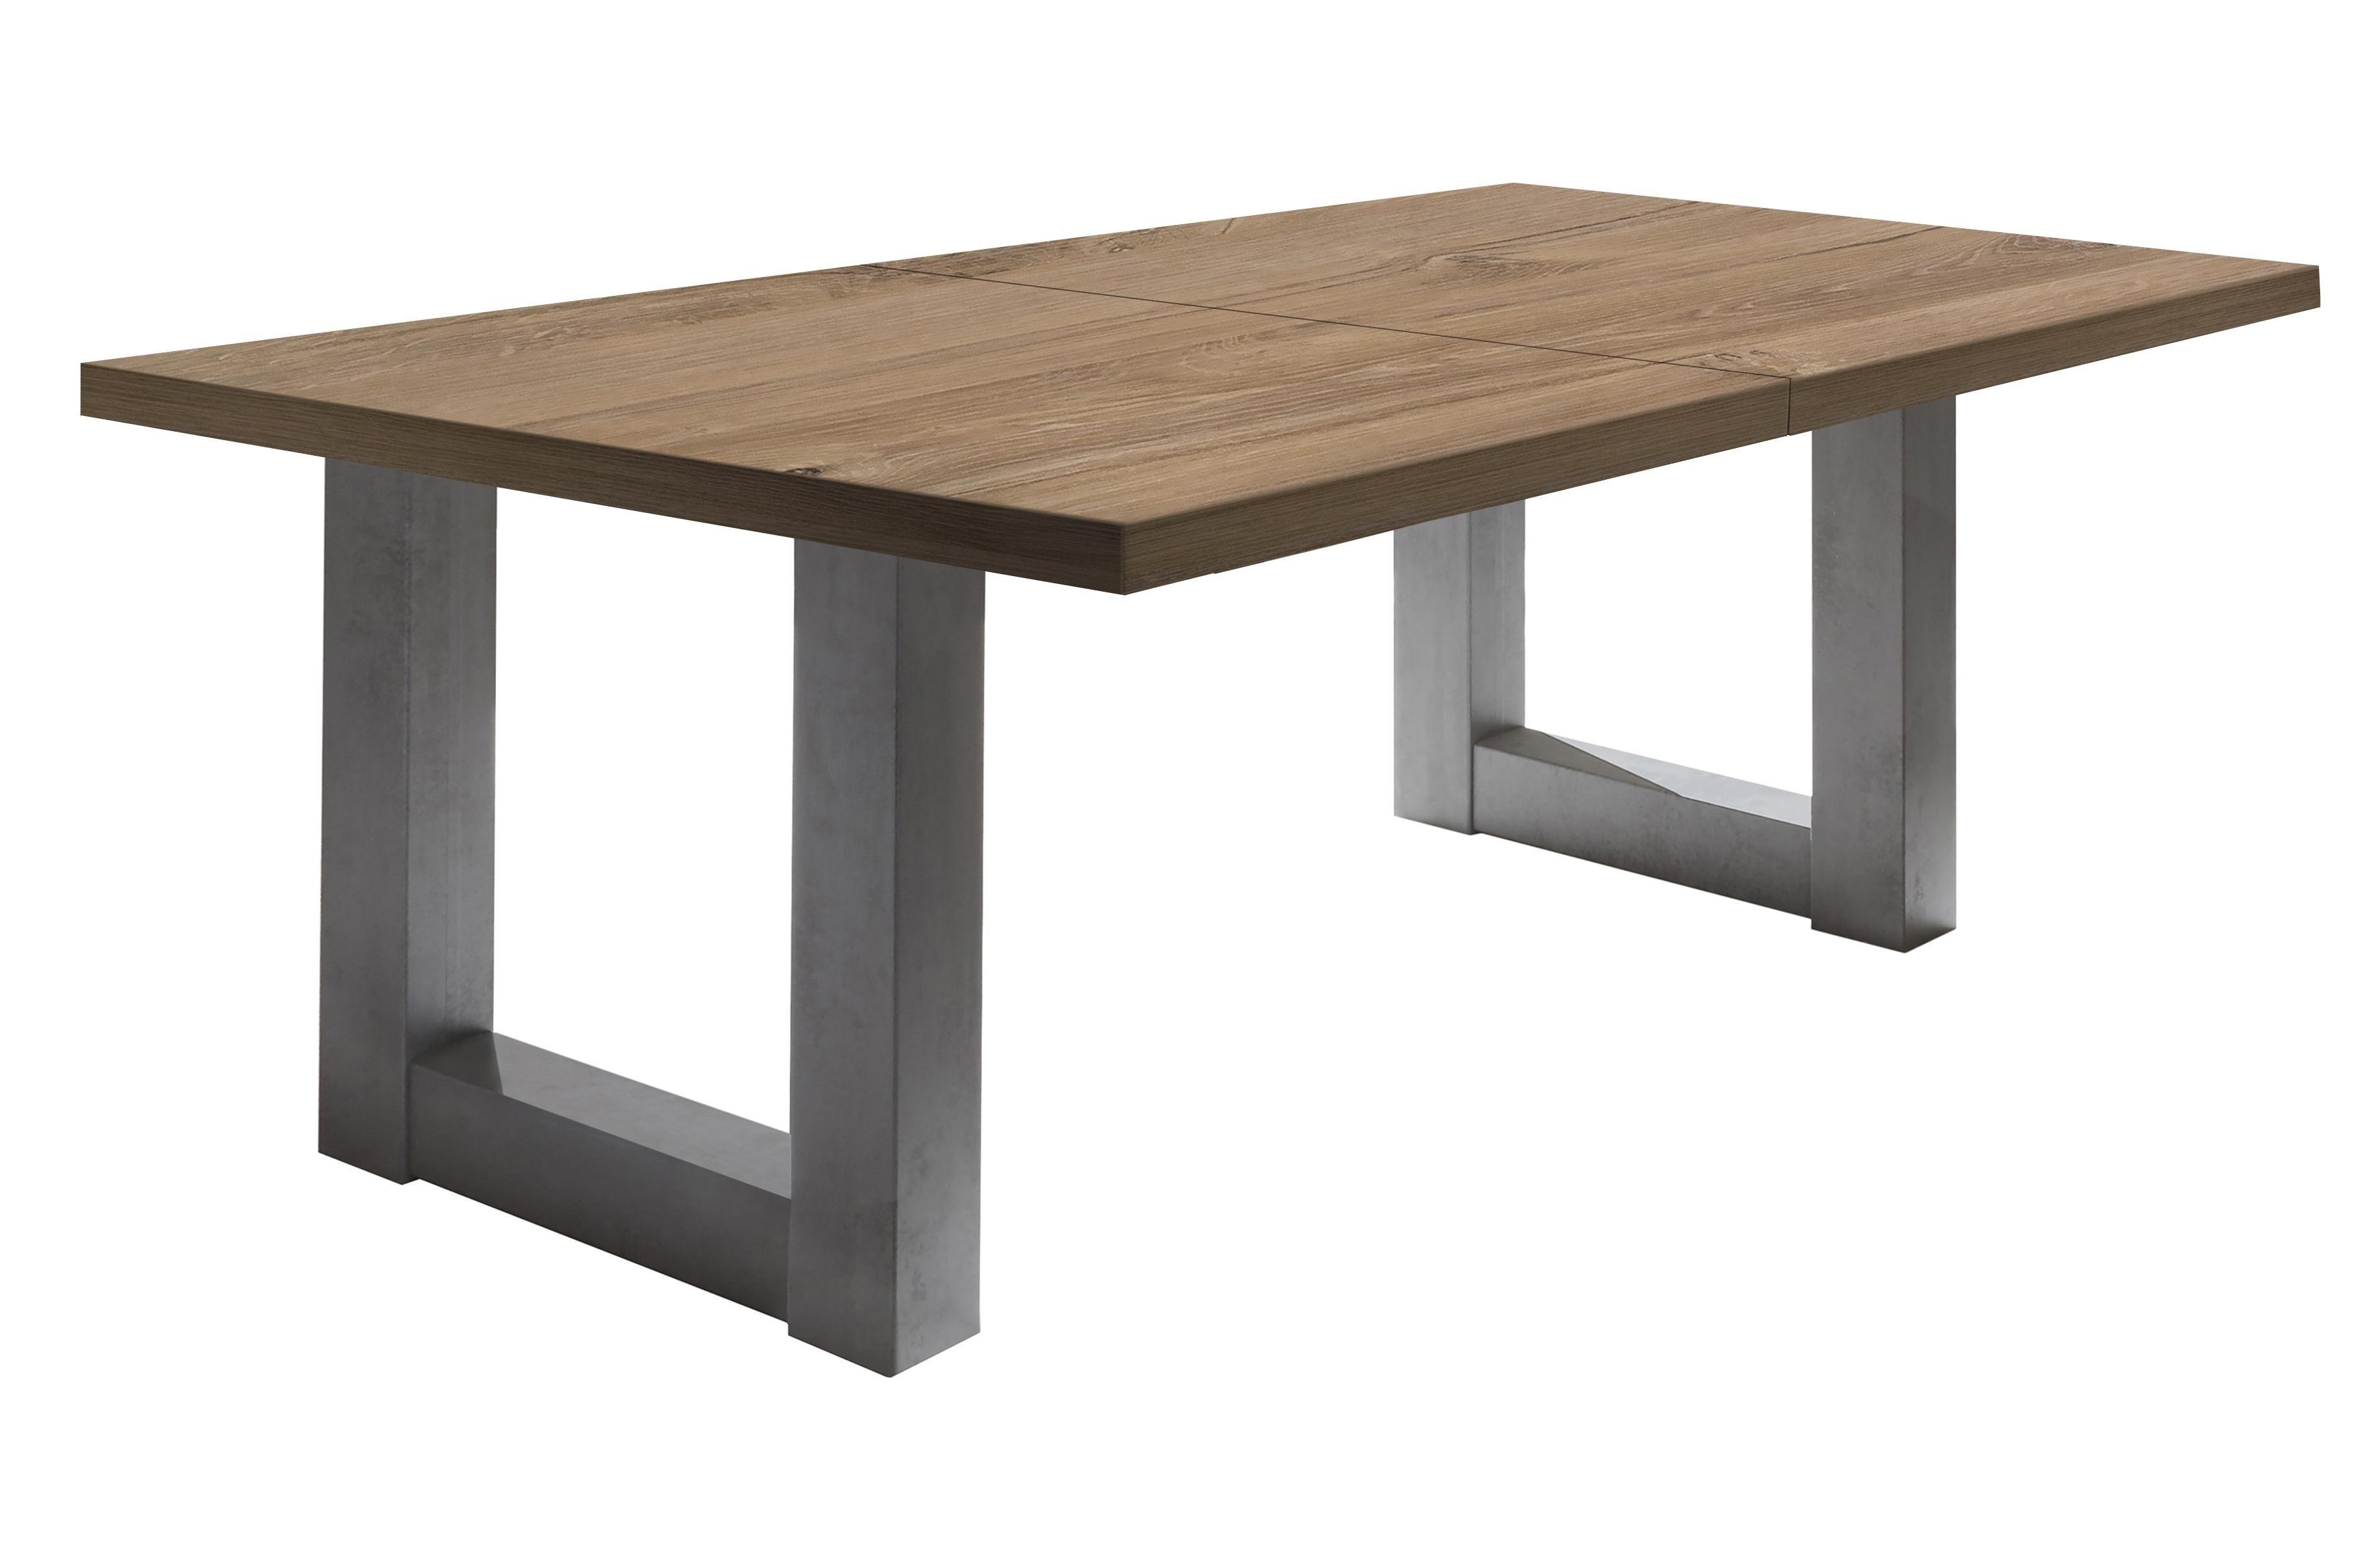 Vierkante Eettafel Uitschuifbaar.Uitschuifbare Tafels Online Shop Nu Online Kopen Otto